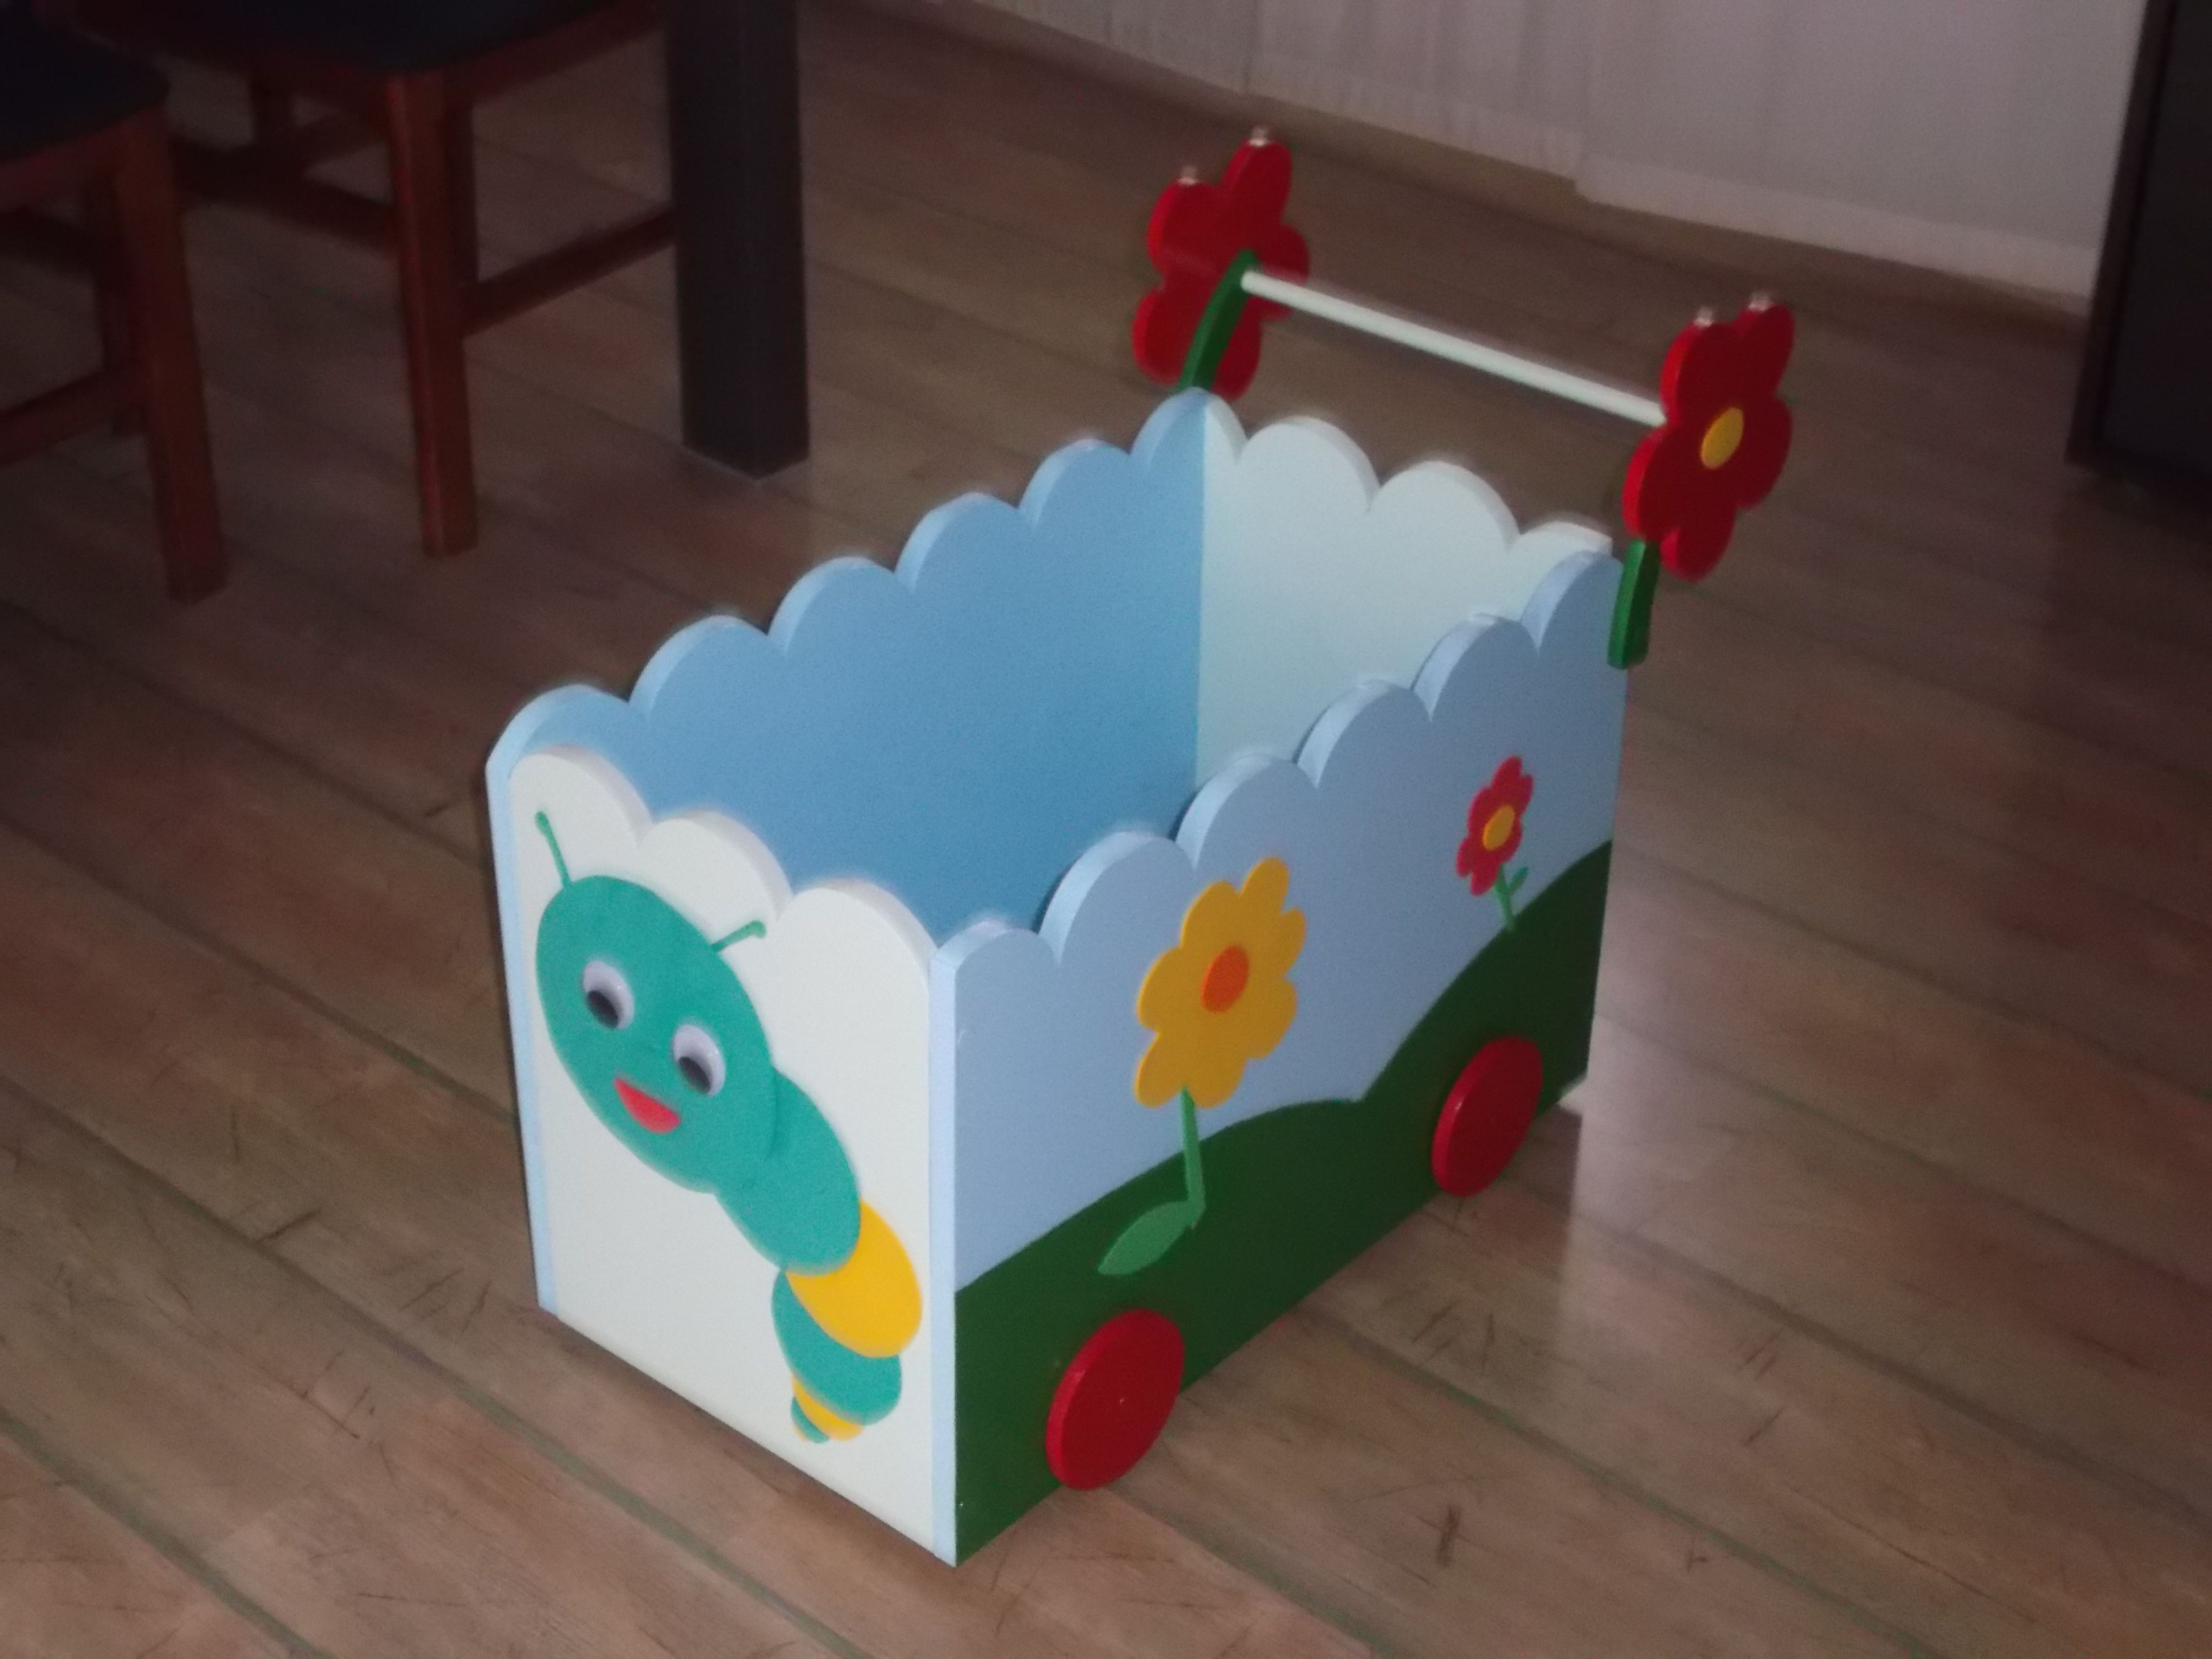 Carrito de madera con ruedas para juguetes decoraci n - Decoracion con ruedas ...